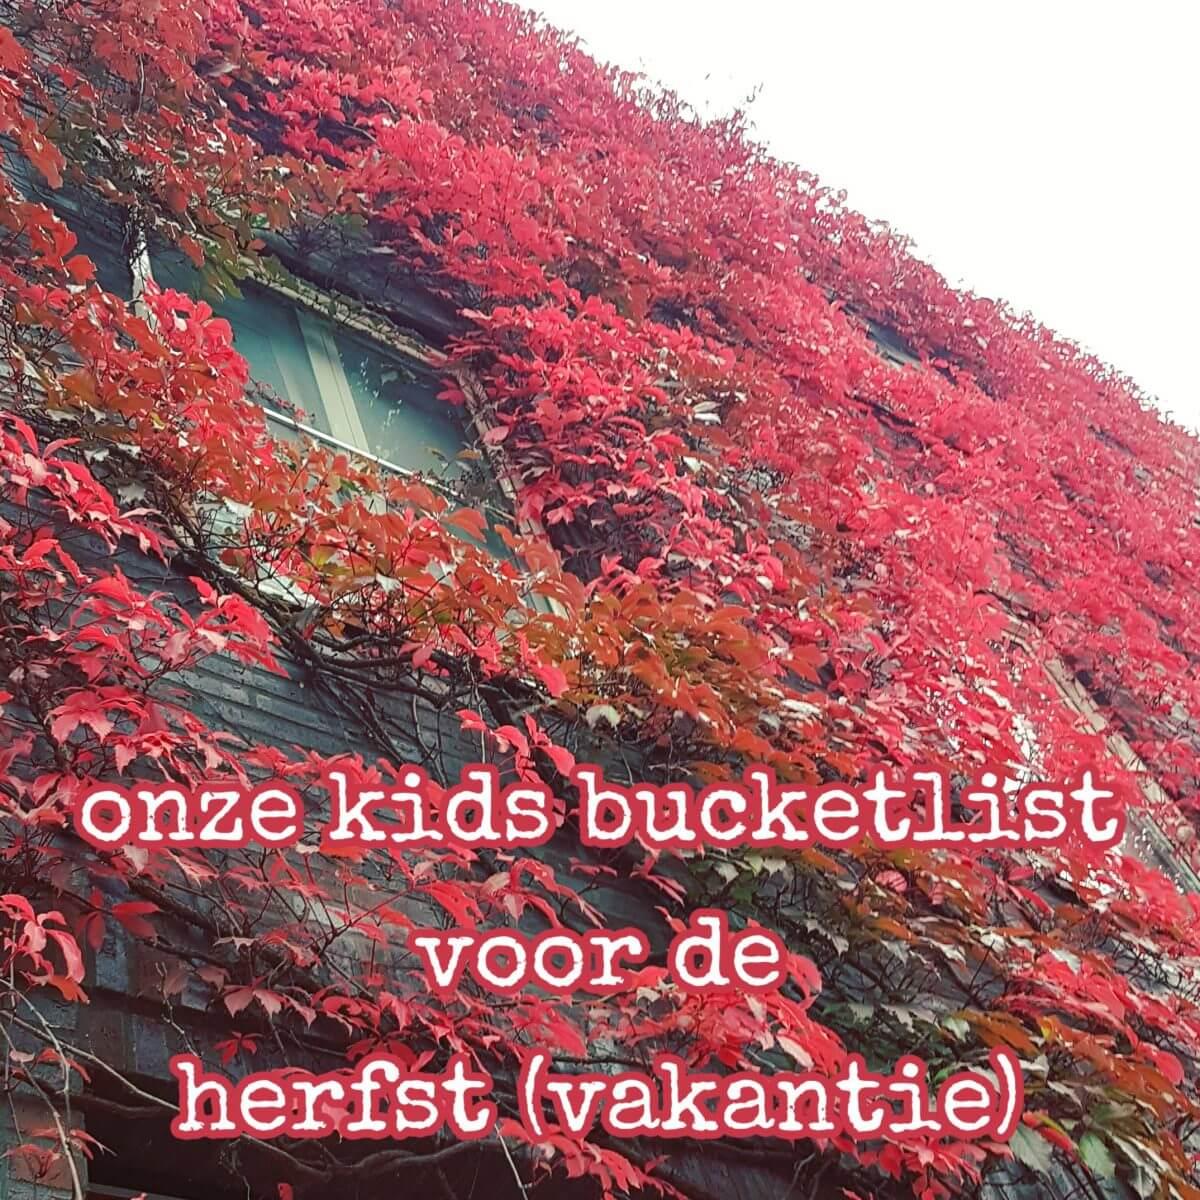 Onze kids bucketlist: leuke activiteiten in de herfst(vakantie)